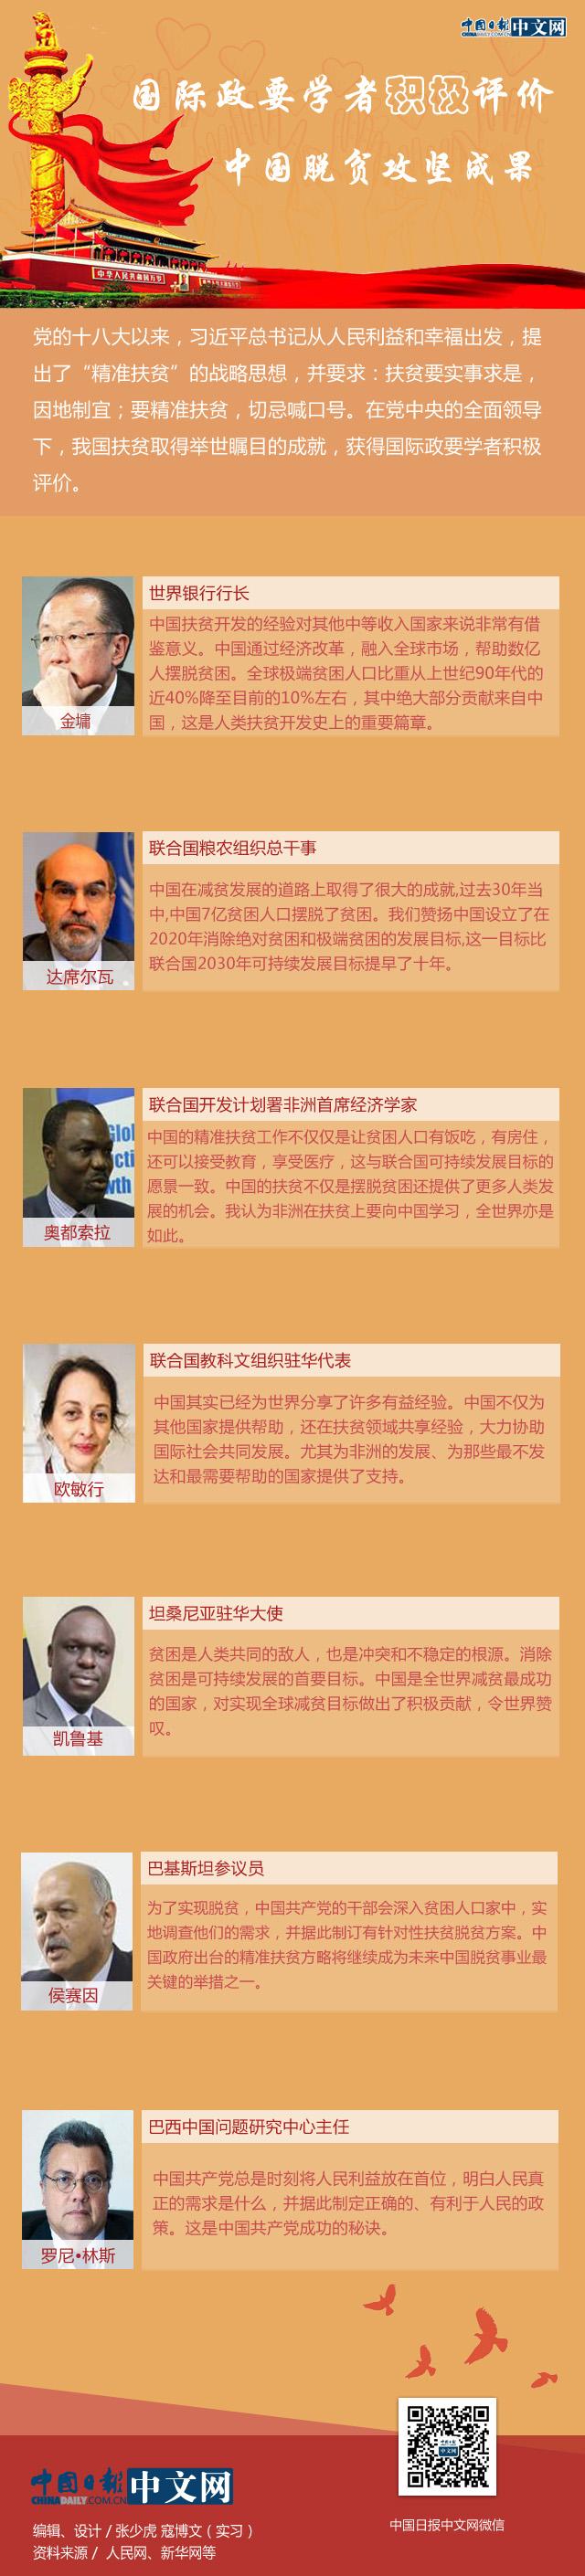 【理上网来・辉煌十九大】国际政要学者积极评价中国脱贫攻坚成果